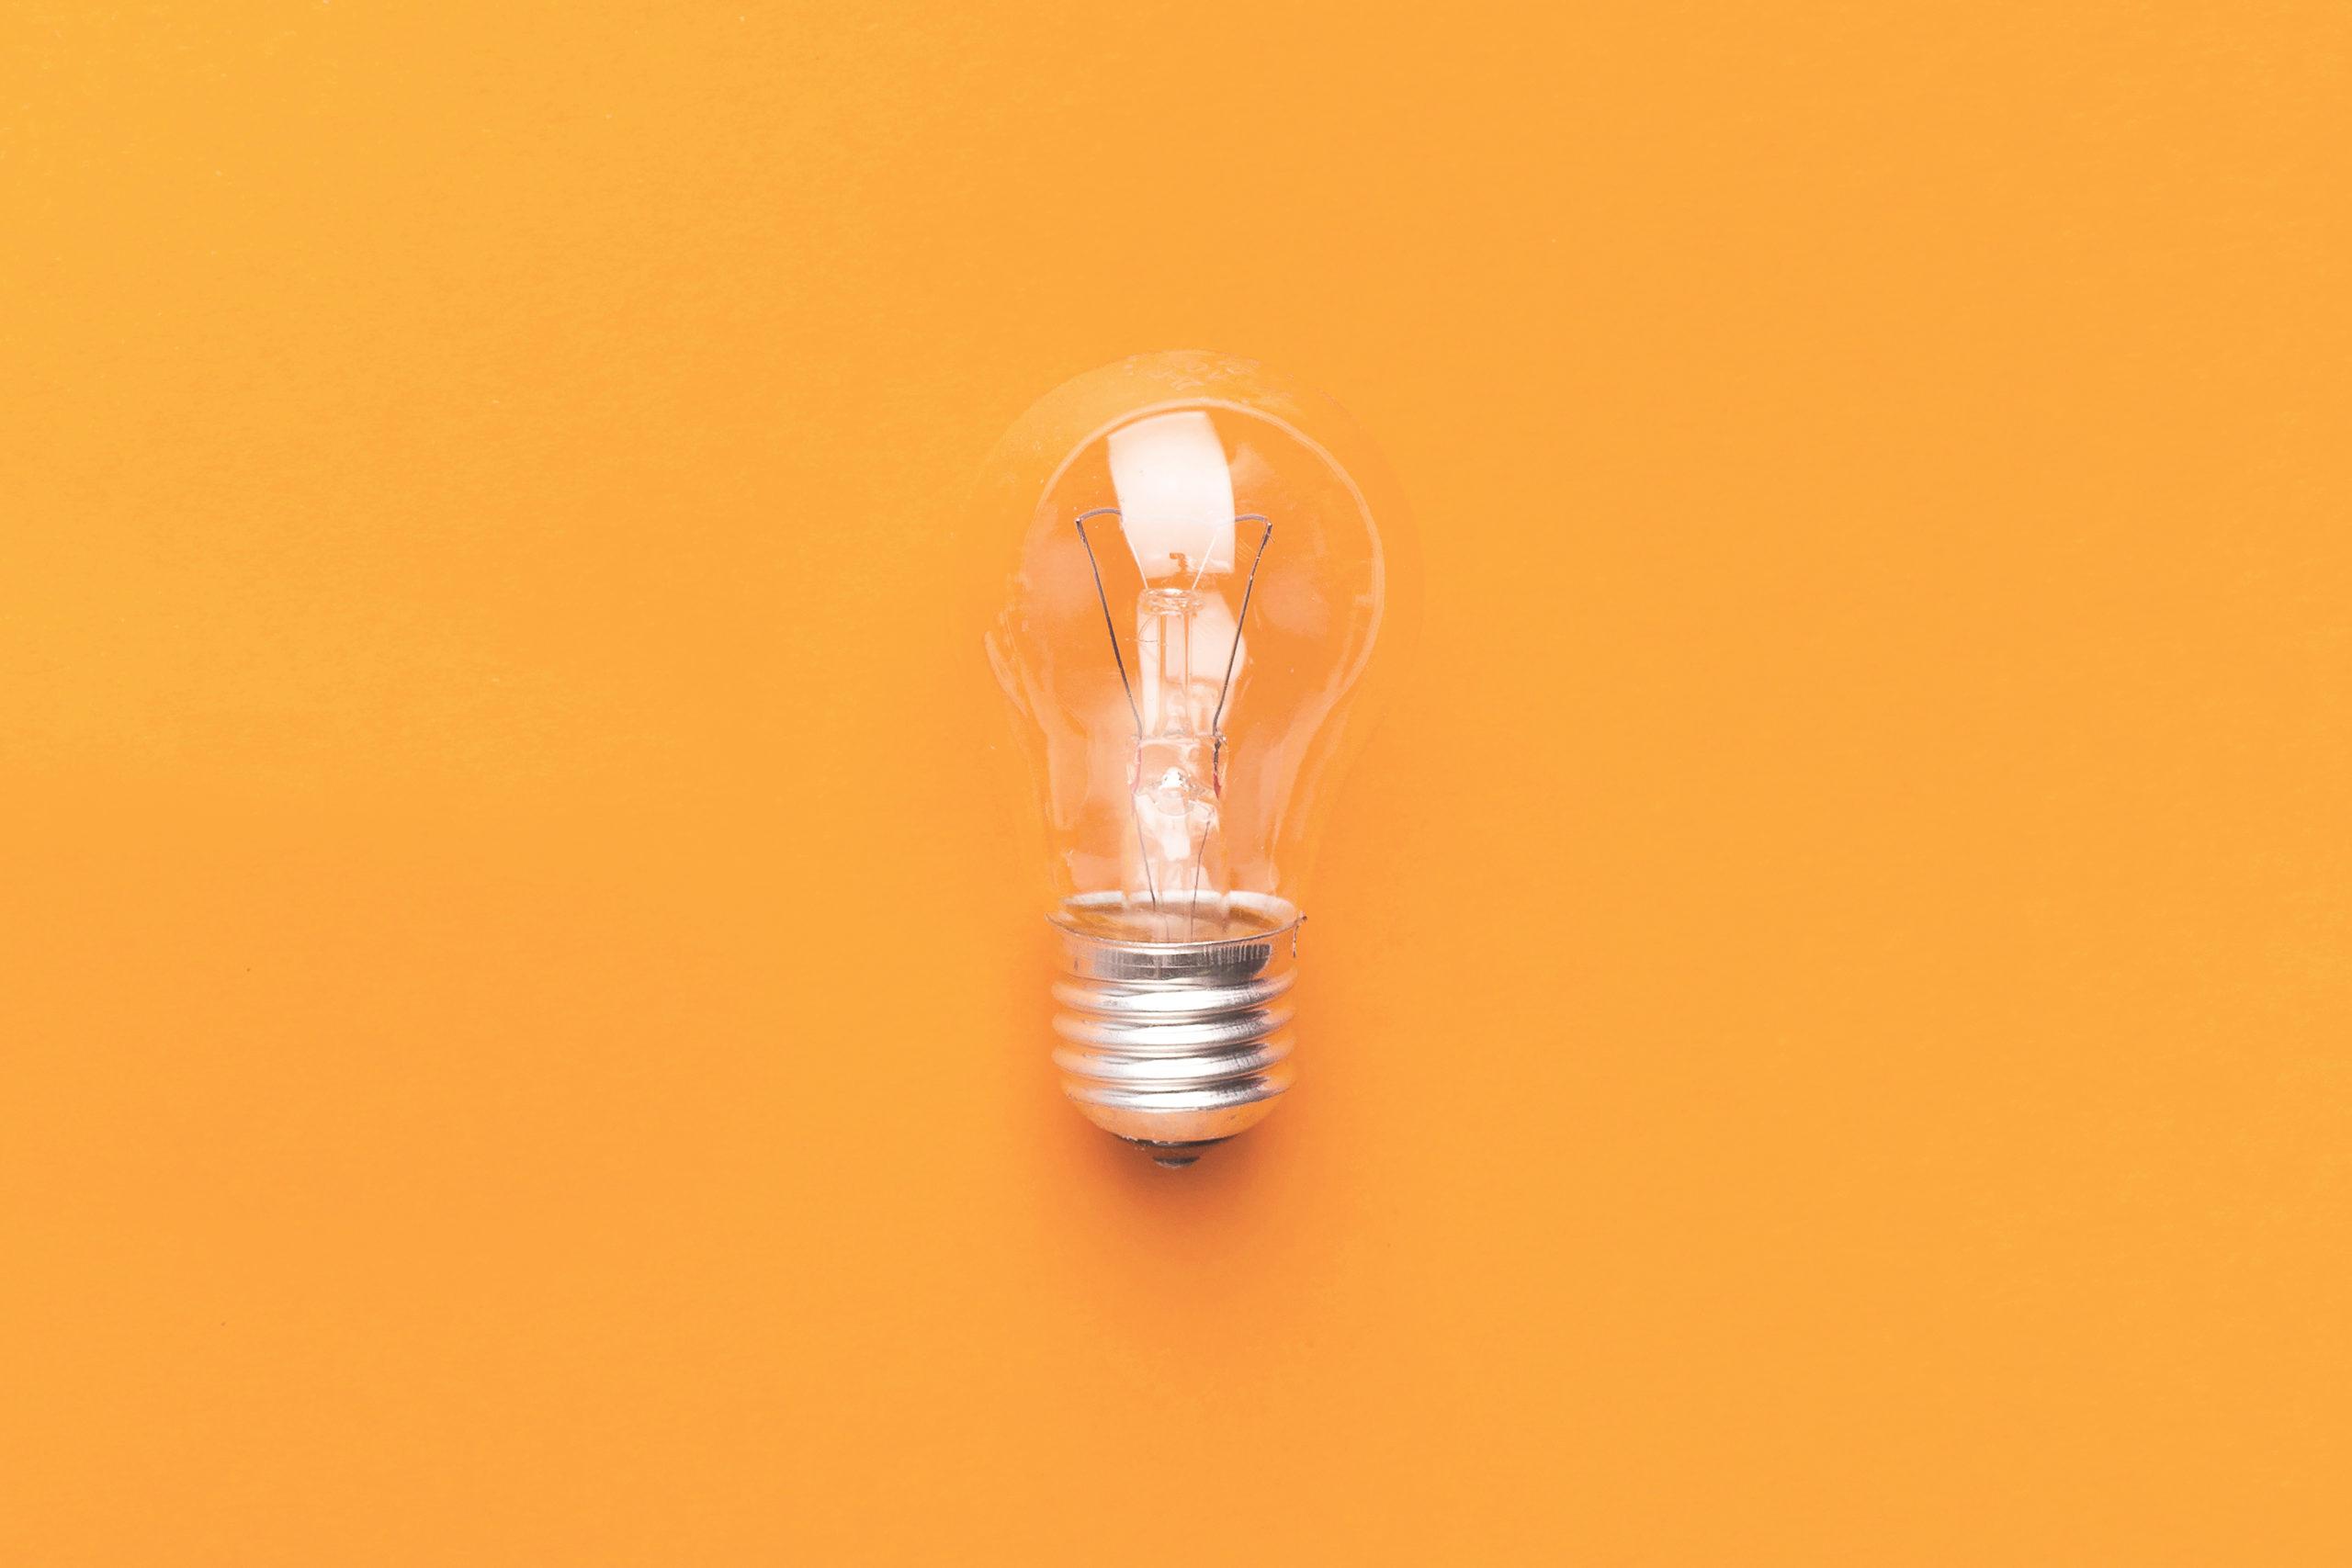 bombilla-fondo-naranja-idea